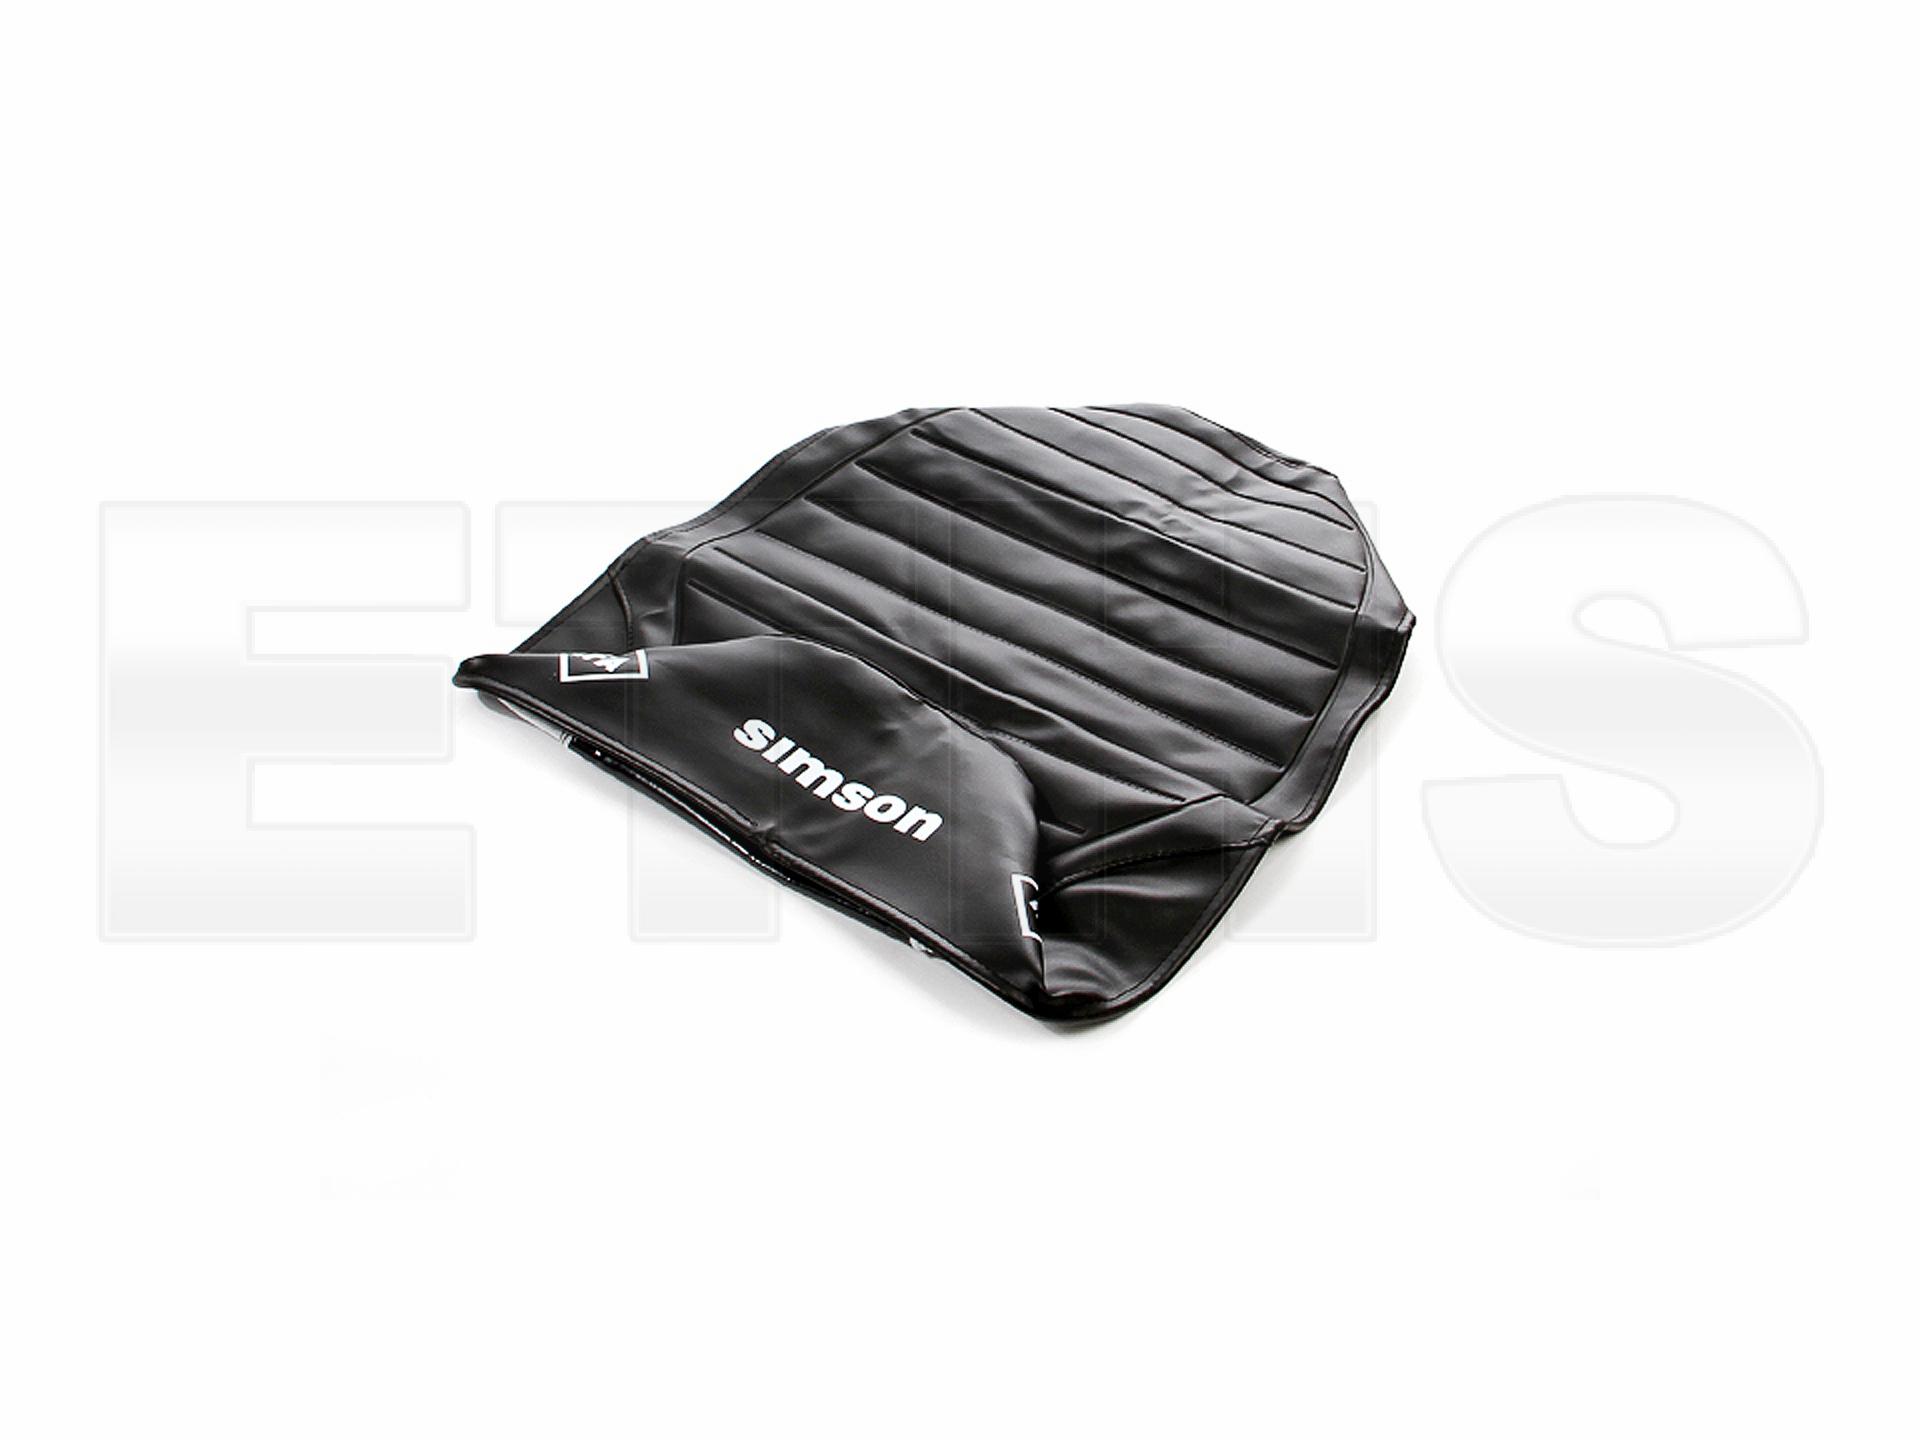 Sitzbezug SIMSON schwarz strukturiert S51 Enduro